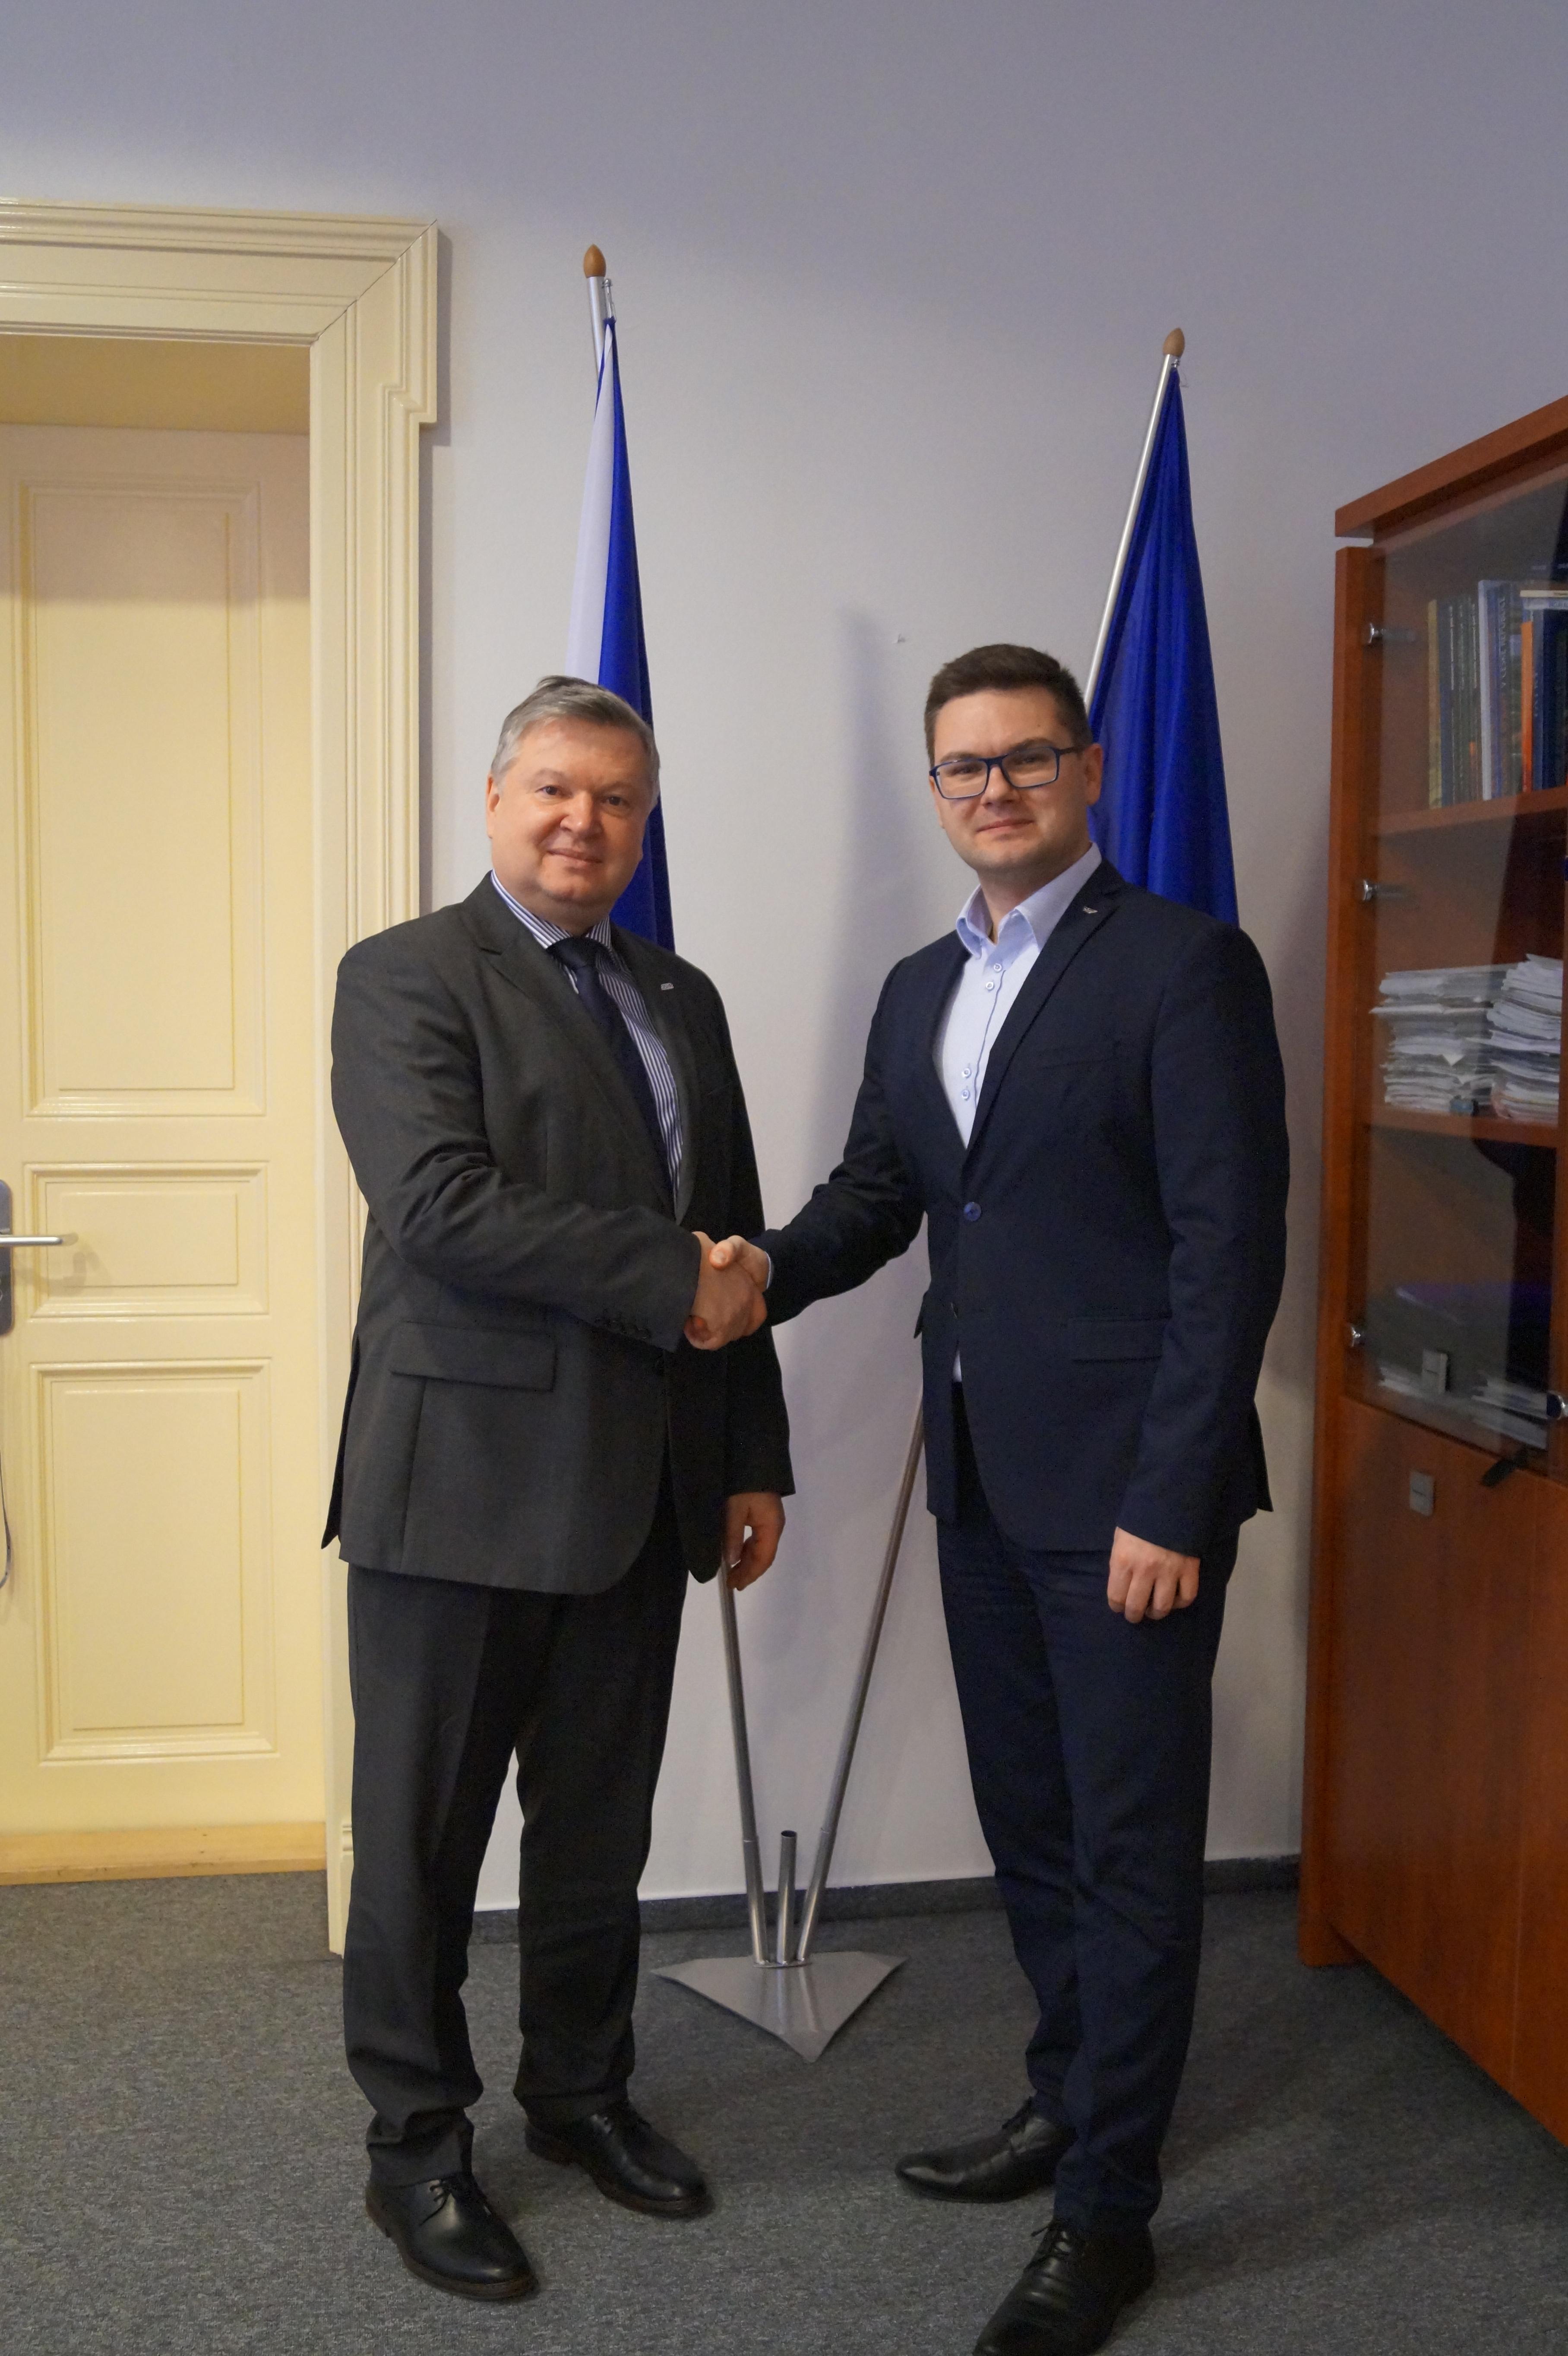 Jednání o další spolupráci mezi VTÚ s.p. a SSHR